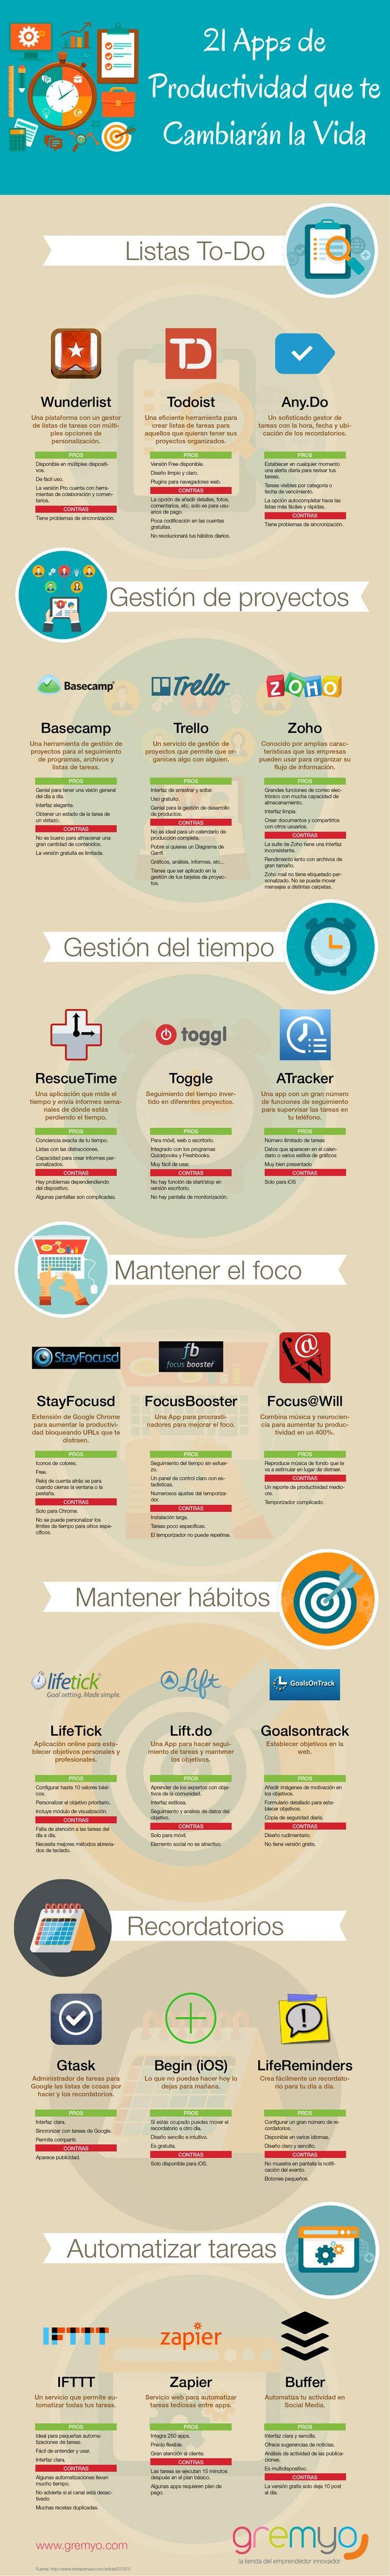 Infografía 21 Apps de Productividad